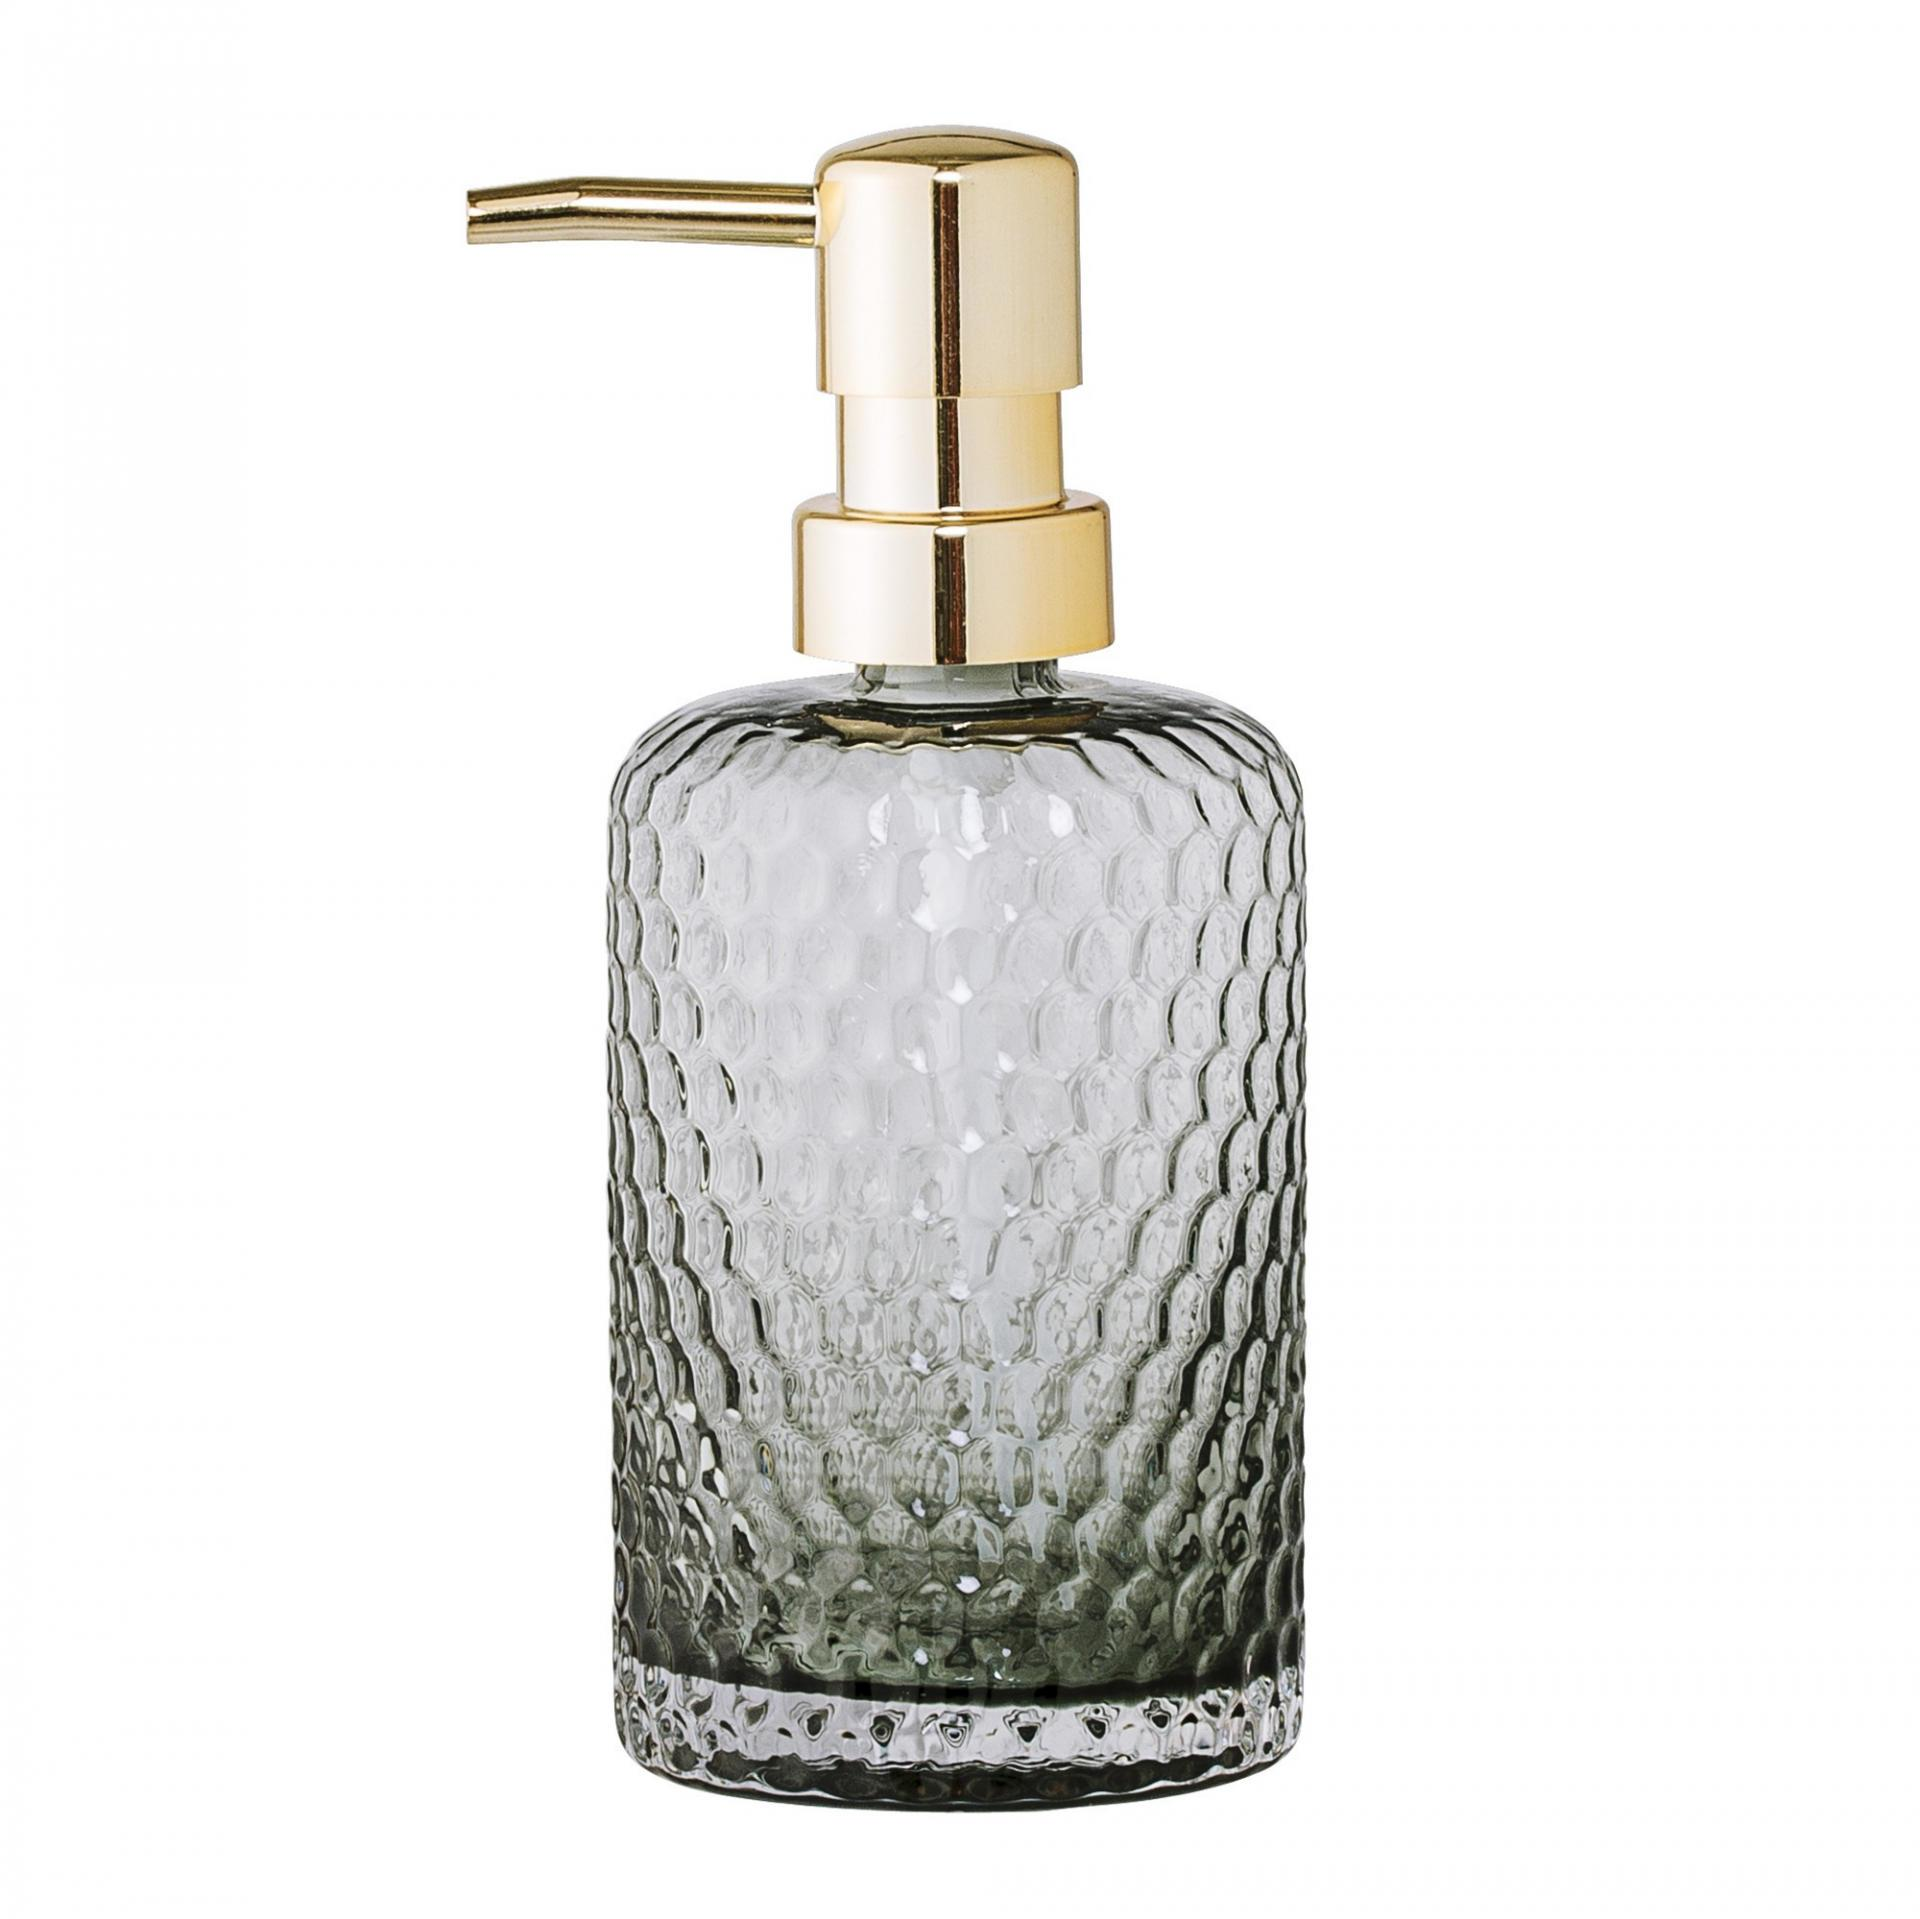 Bloomingville Skleněný zásobník na mýdlo Grey/gold